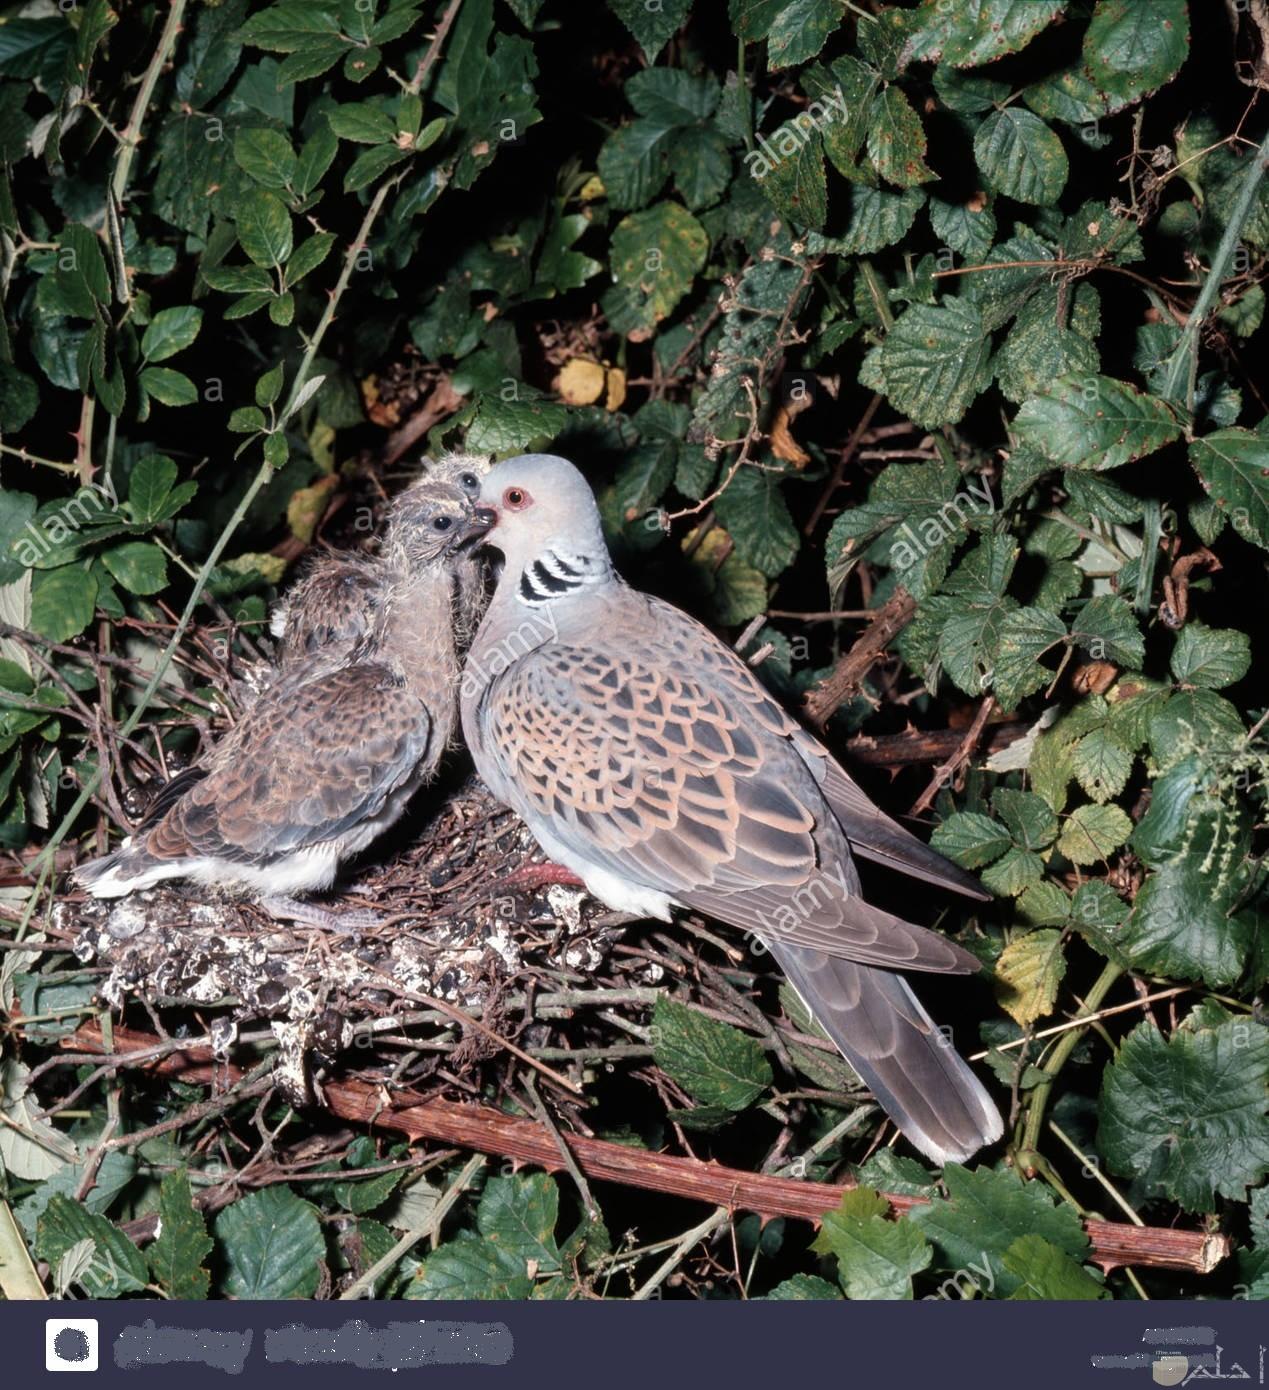 لقطة جميلة و نادرة لطائر القماري و هو يطعم صغاره في العش.